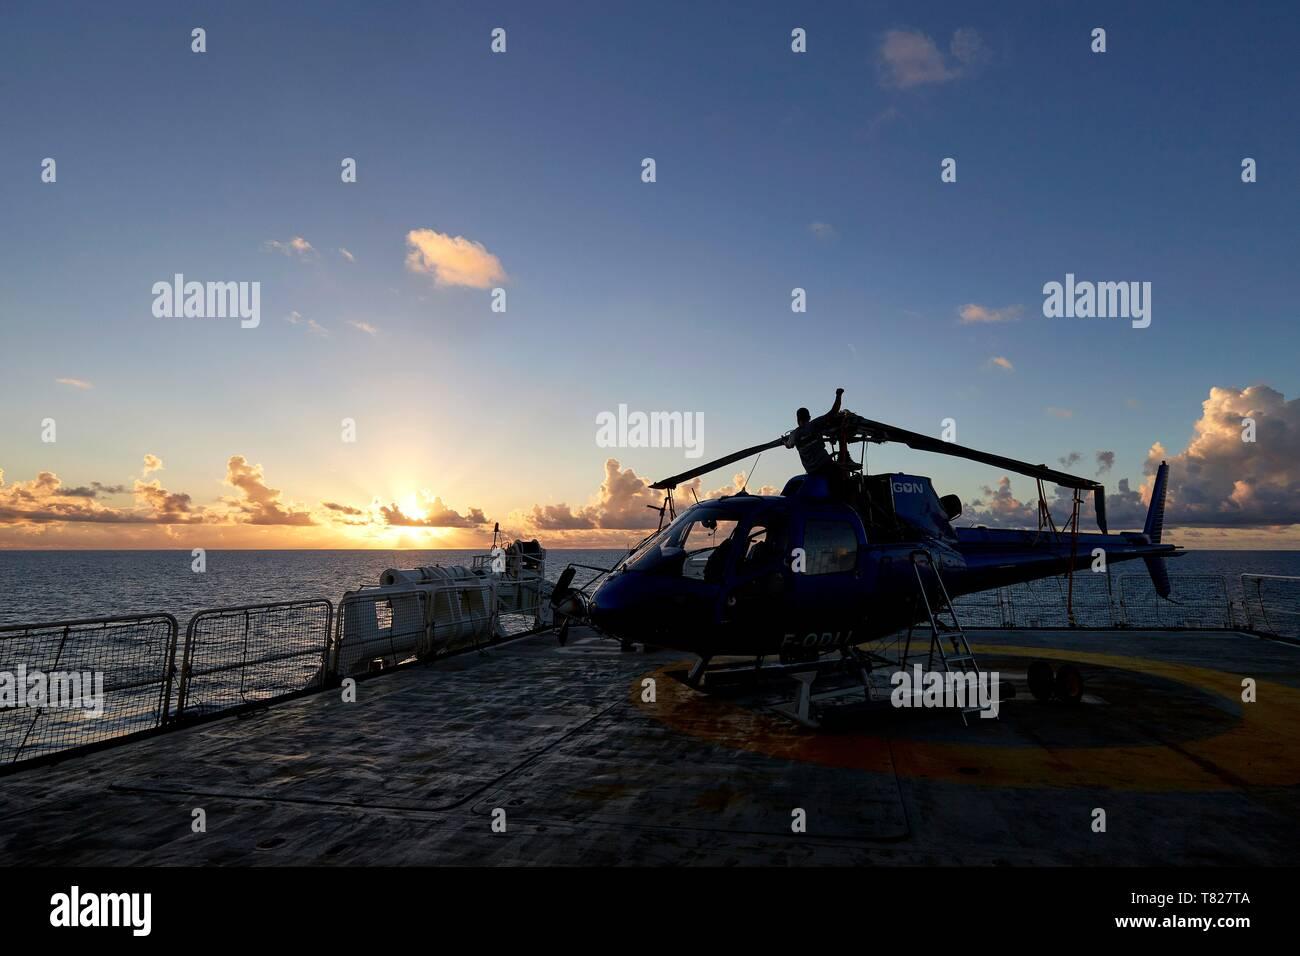 Transport Fotografie Hubschrauber Sikorsky S-61 Helikopter Ist Auf Einem Schiff Gelandet